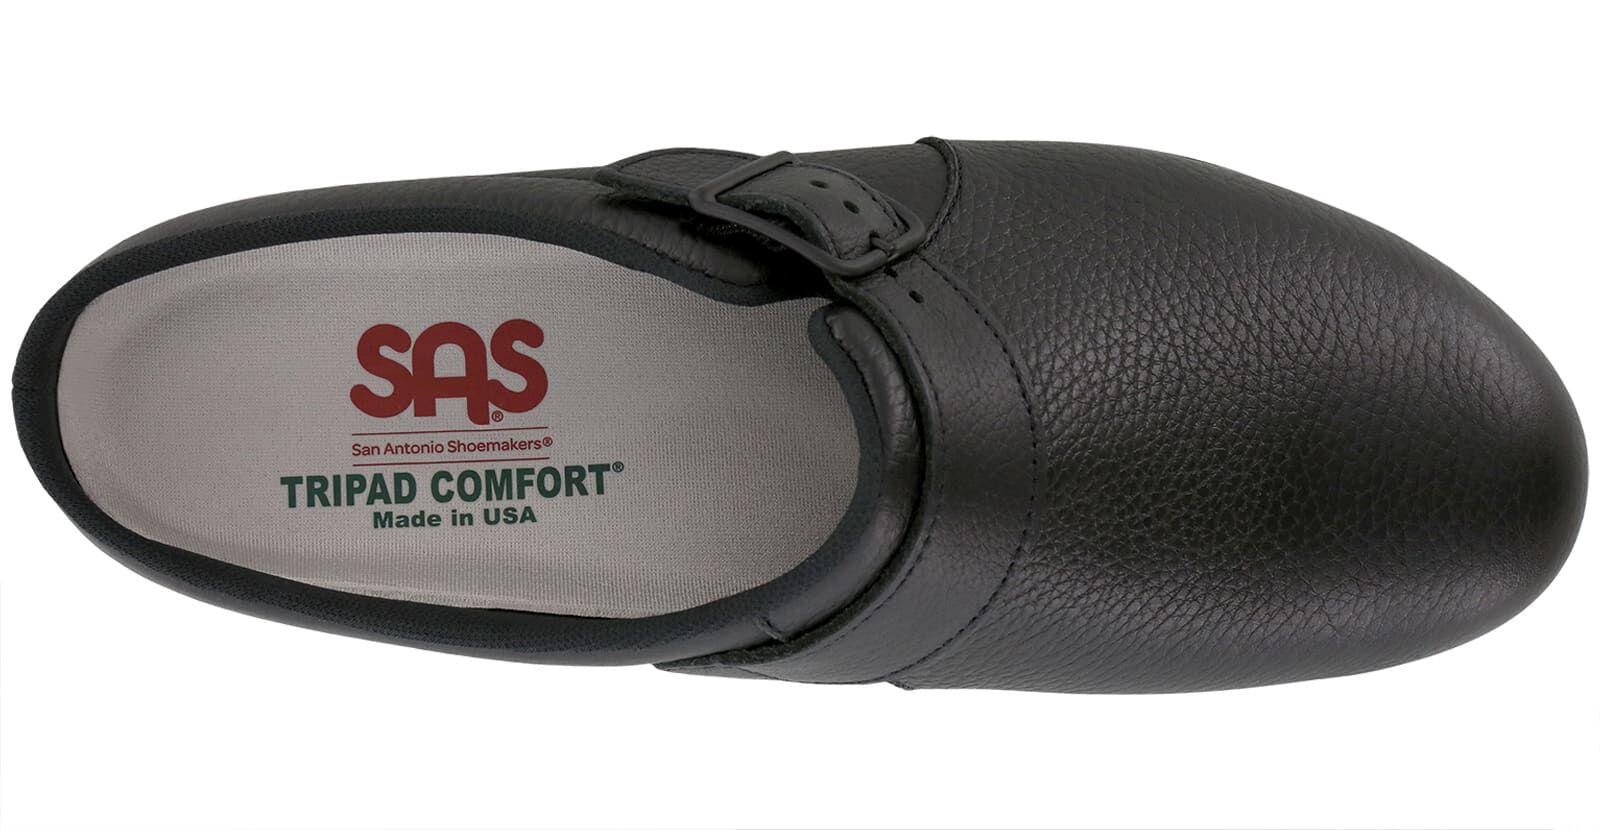 sas slip resistant shoes